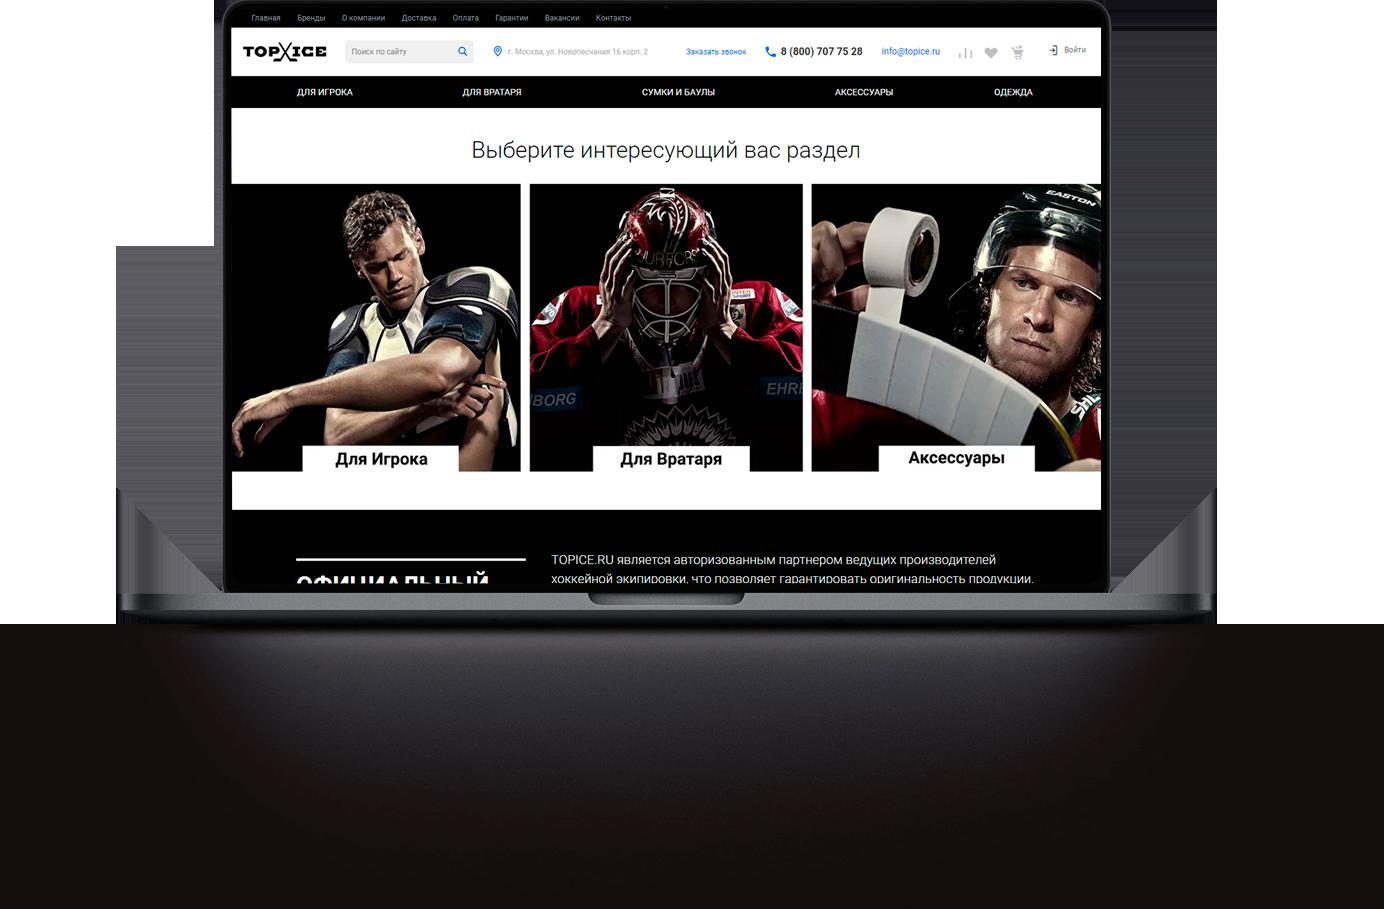 Интернет-магазин хоккейной экипировки